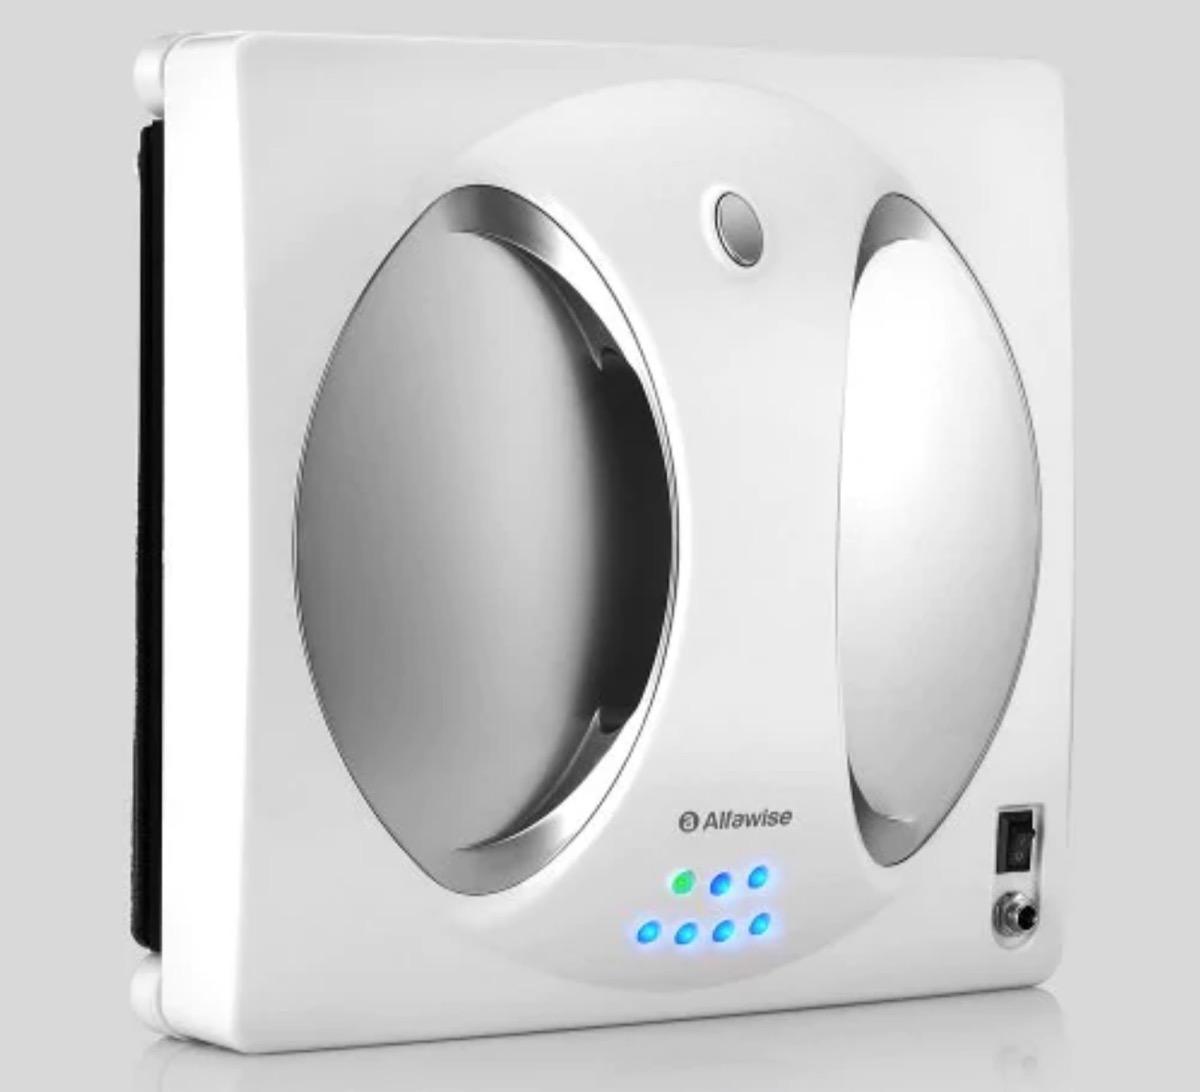 Alfawise WS 960, il robot lavavetri automatico